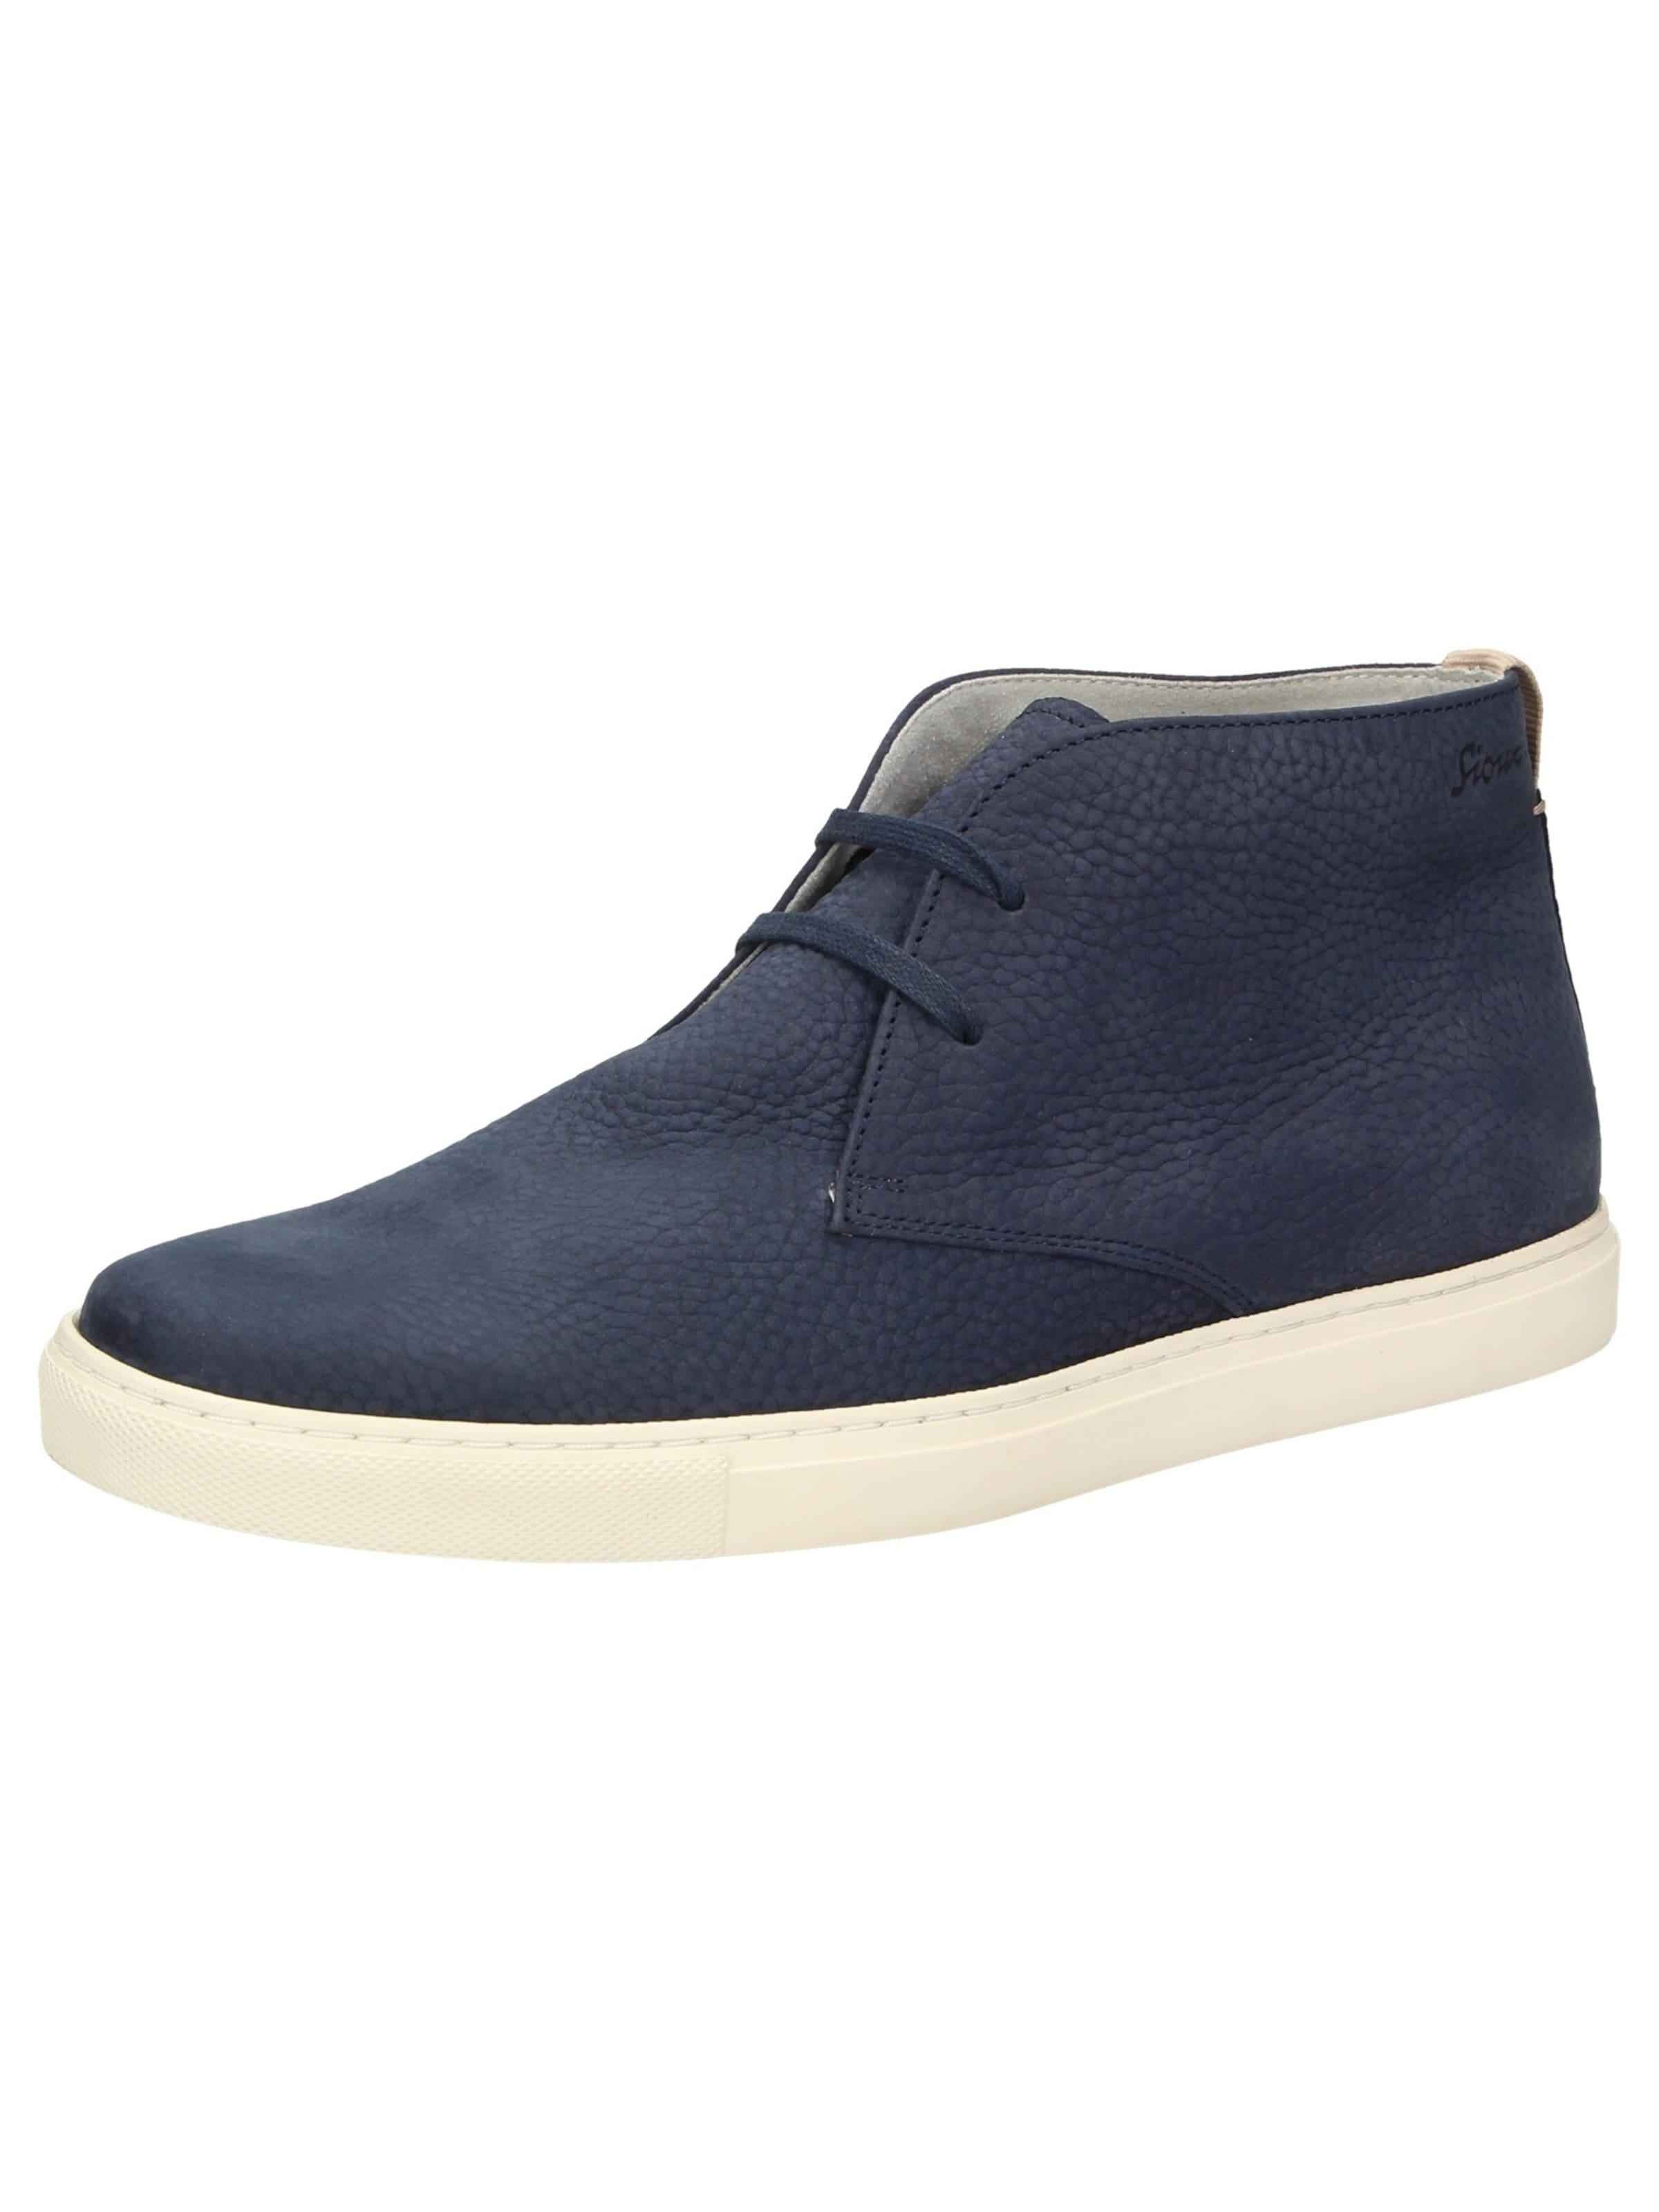 SIOUX Stiefelette Nandorino Verschleißfeste billige Schuhe